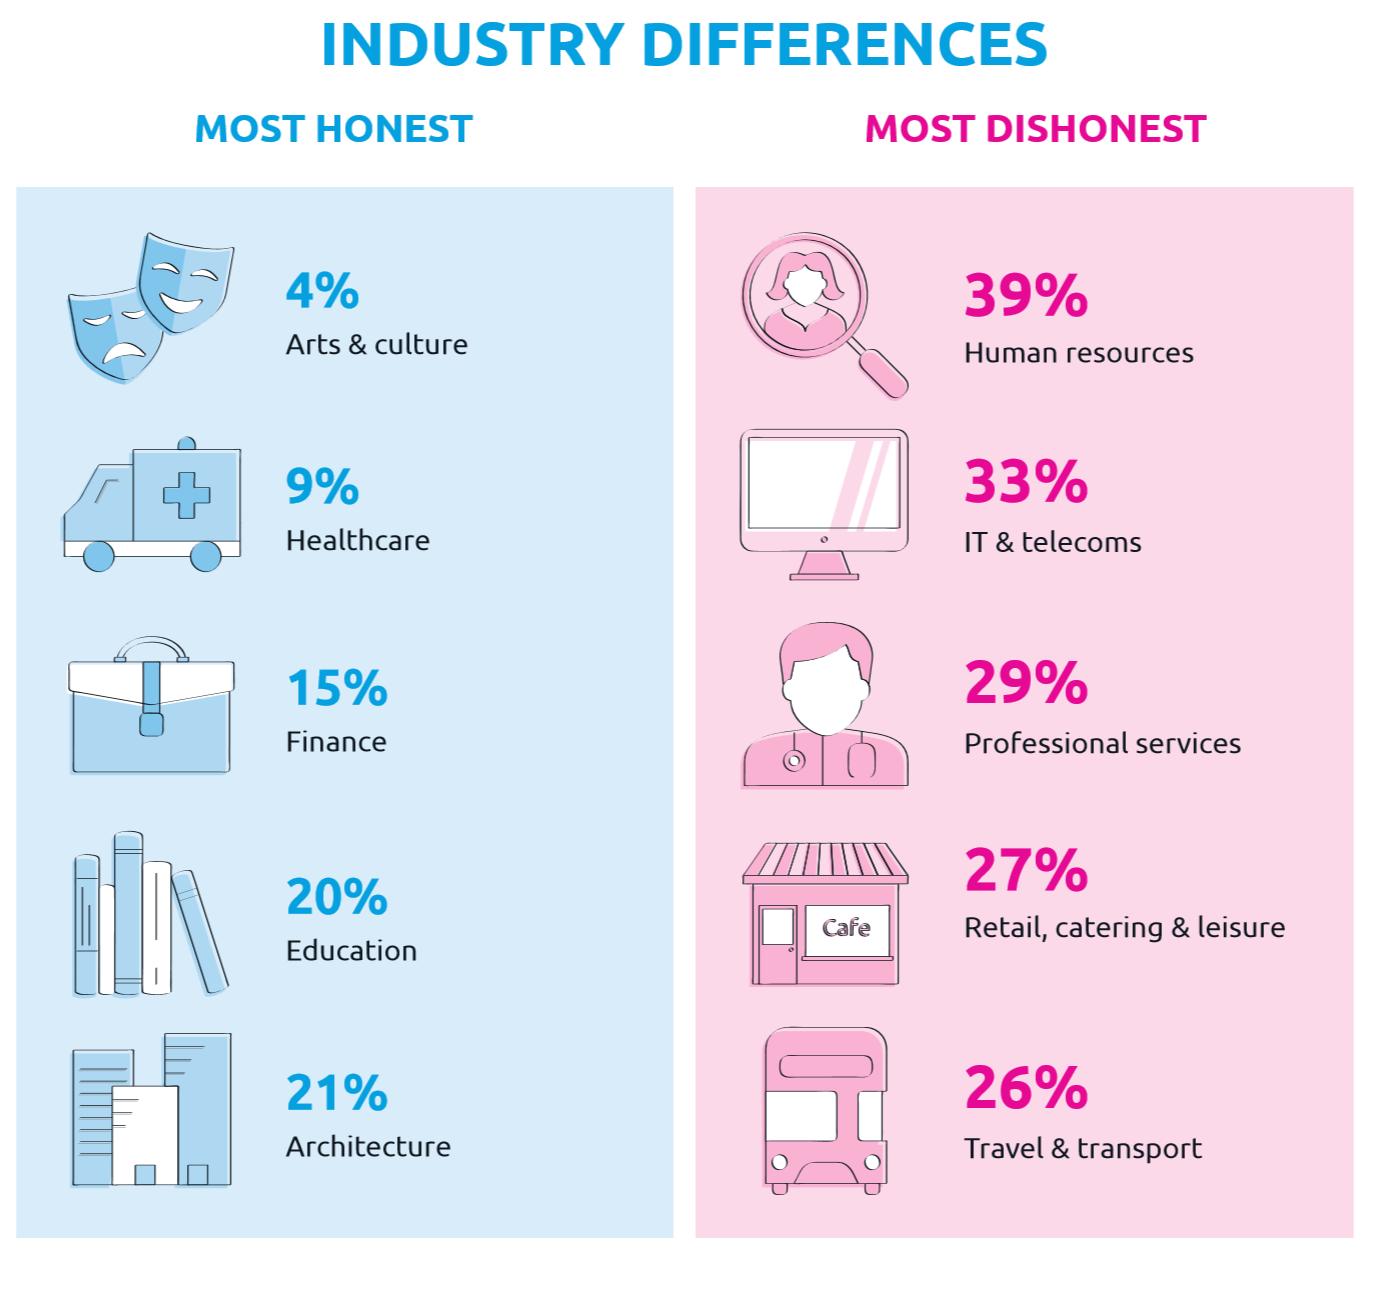 Odsetek osób, które przyznały się do nieuczciwości w pracy. (Źródło: Webexpenses)